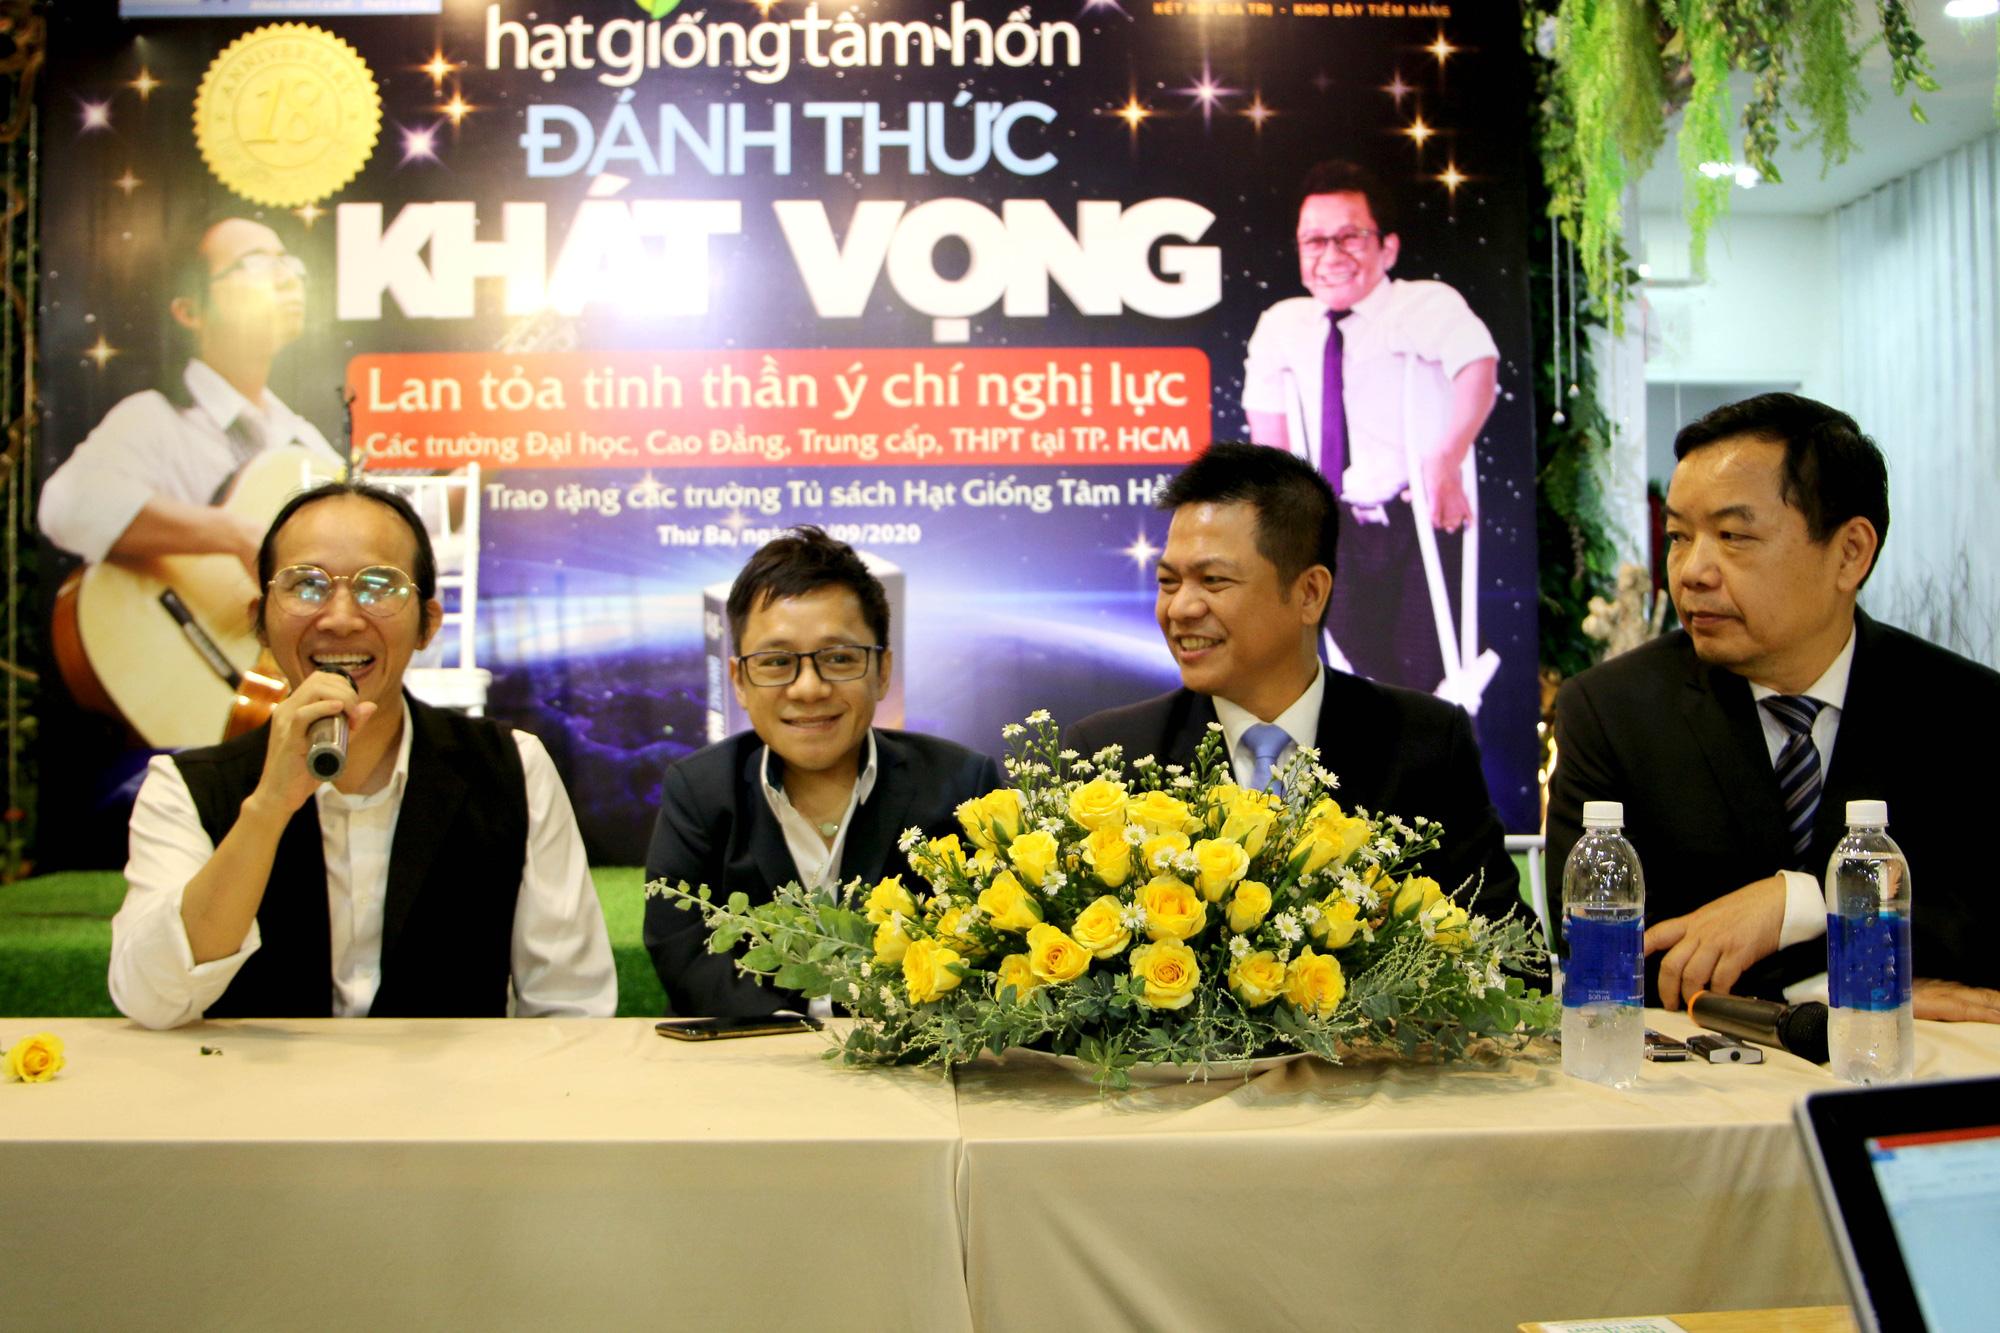 """Diễn giả Sơn Lâm và nhạc sĩ Hà Chương """"Đánh thức khát vọng"""" cho 30.000 học sinh, sinh viên - Ảnh 4."""